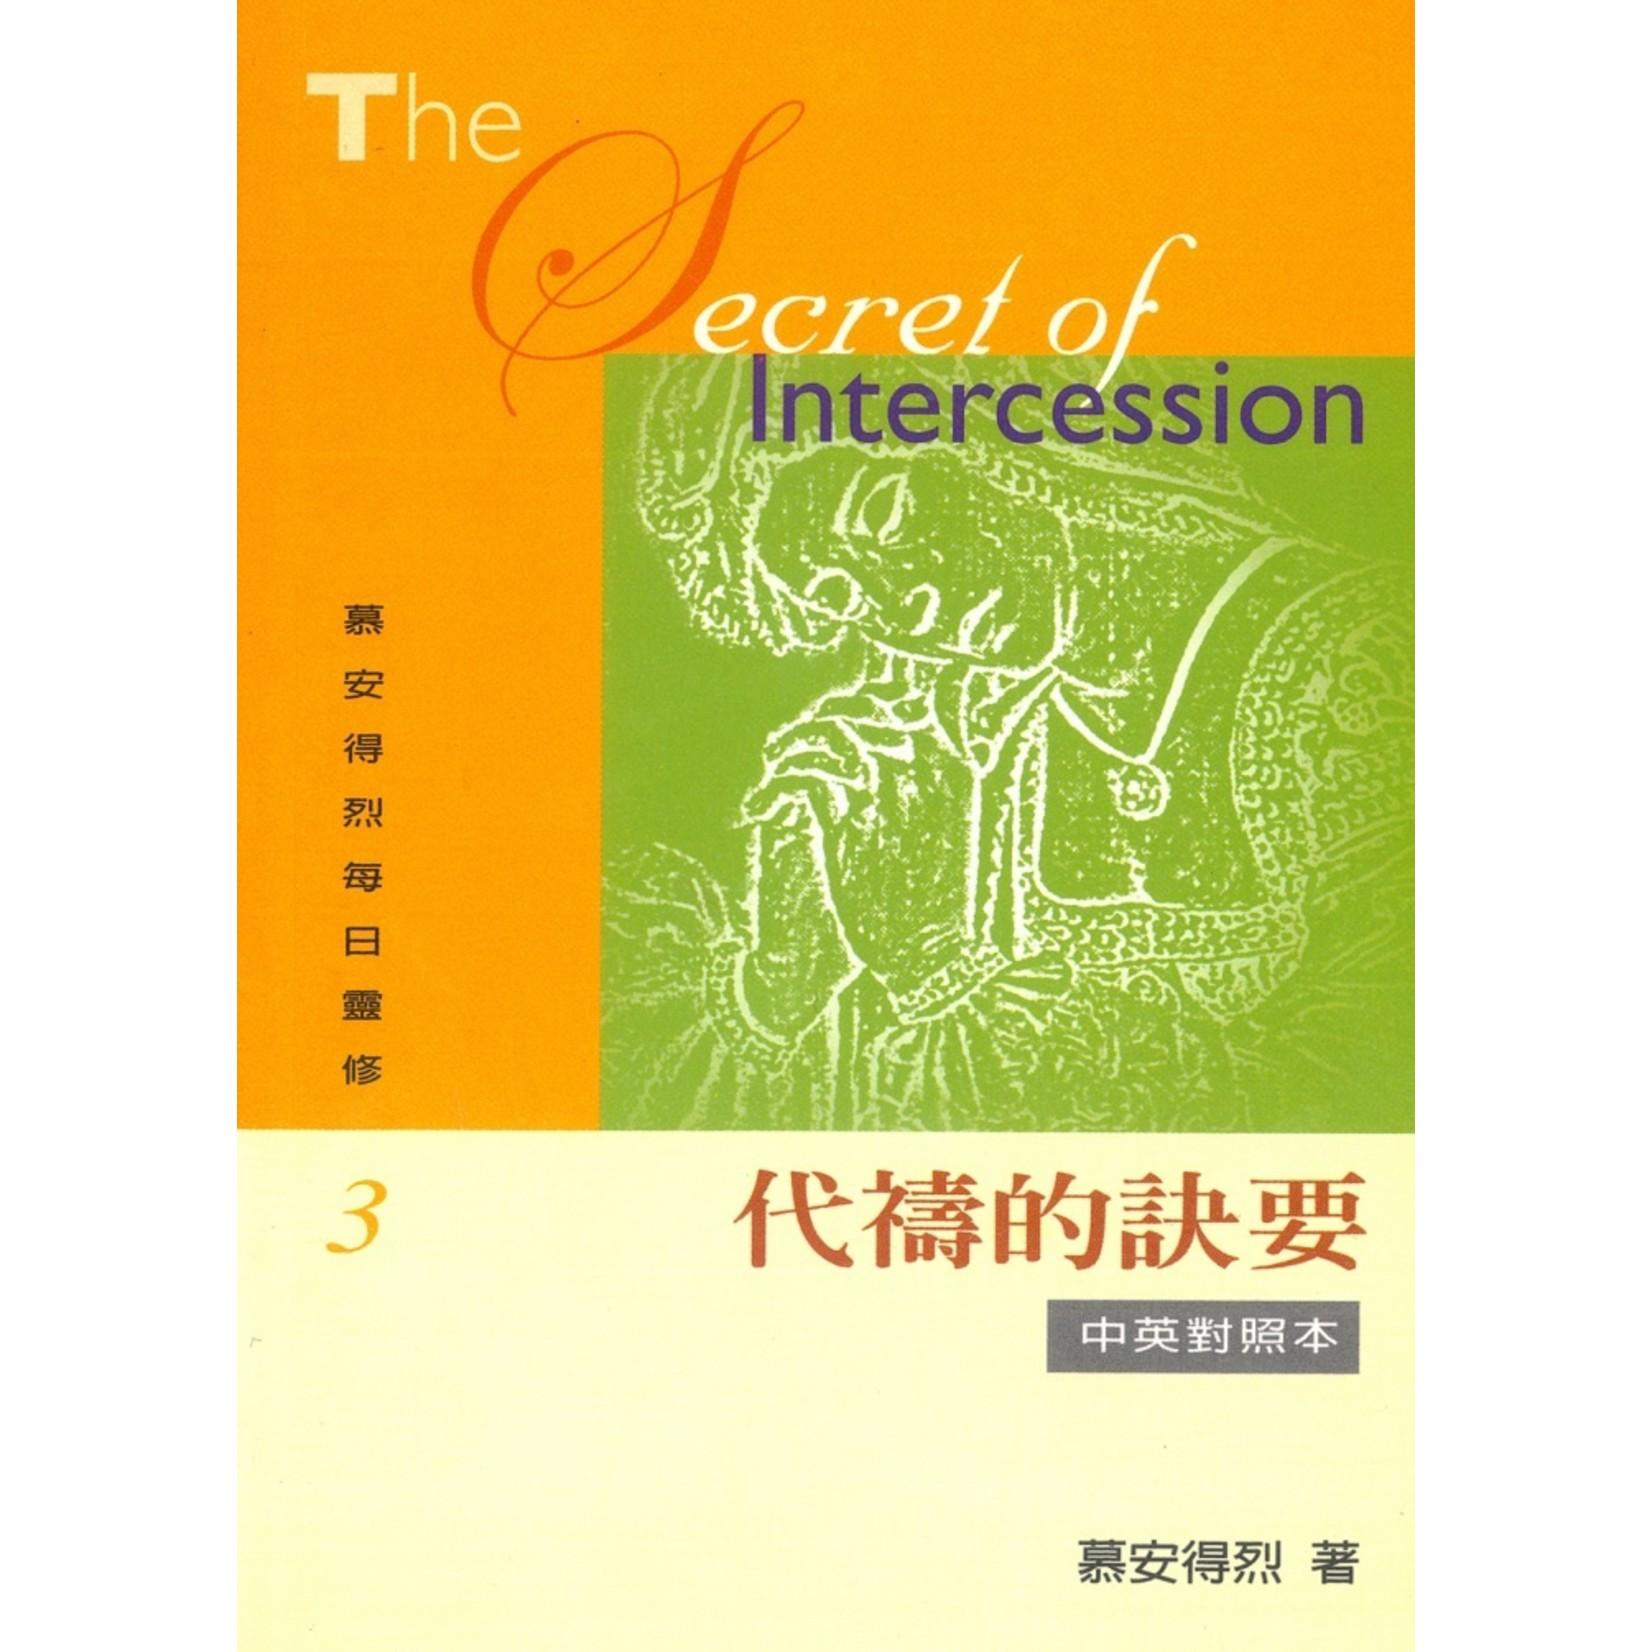 歸主 (TW) 慕安得烈每日靈修03:代禱的訣要(中英對照) The Secret of Intercession